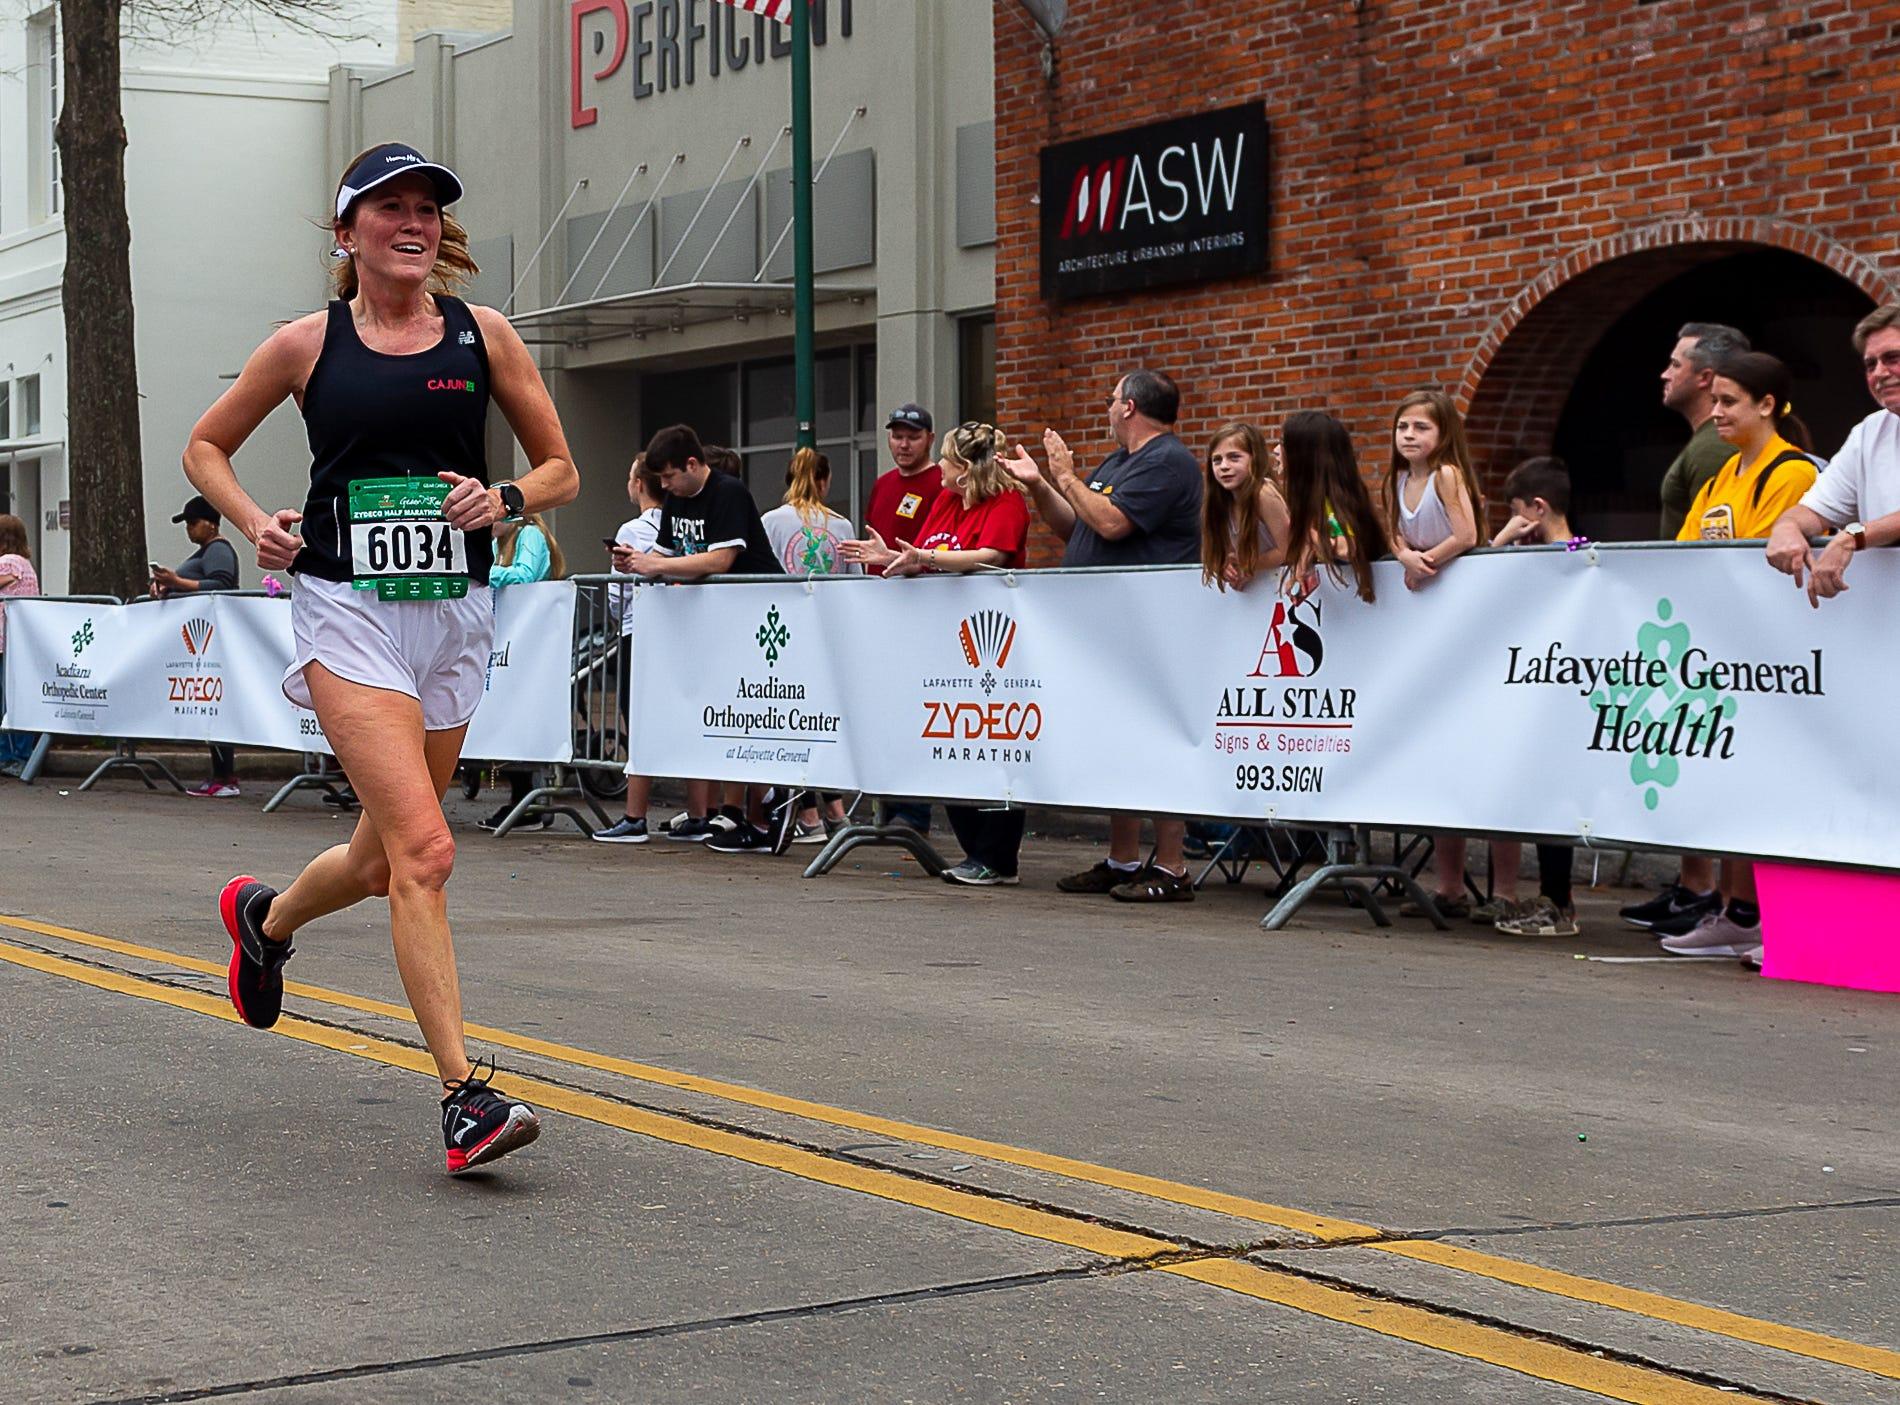 The Zydeco Marathon in Lafayette, LA.  March 10, 2019.